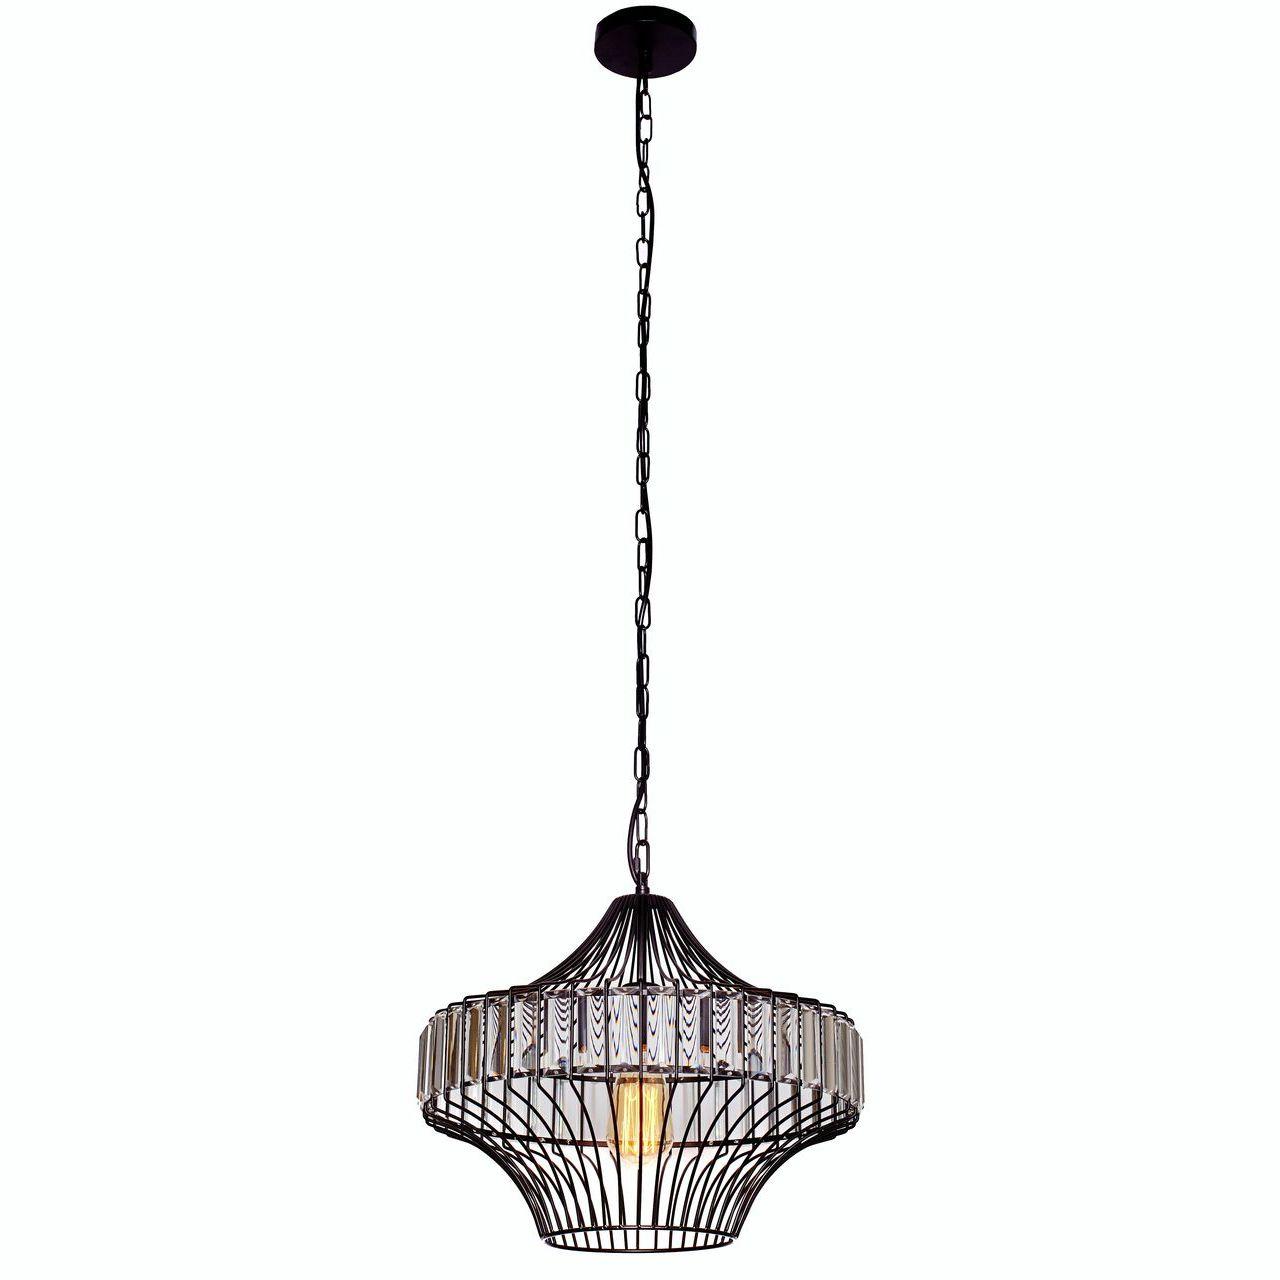 Купить Подвесной светильник Lucia Tucci Industrial с плафоном из металла, inmyroom, Италия